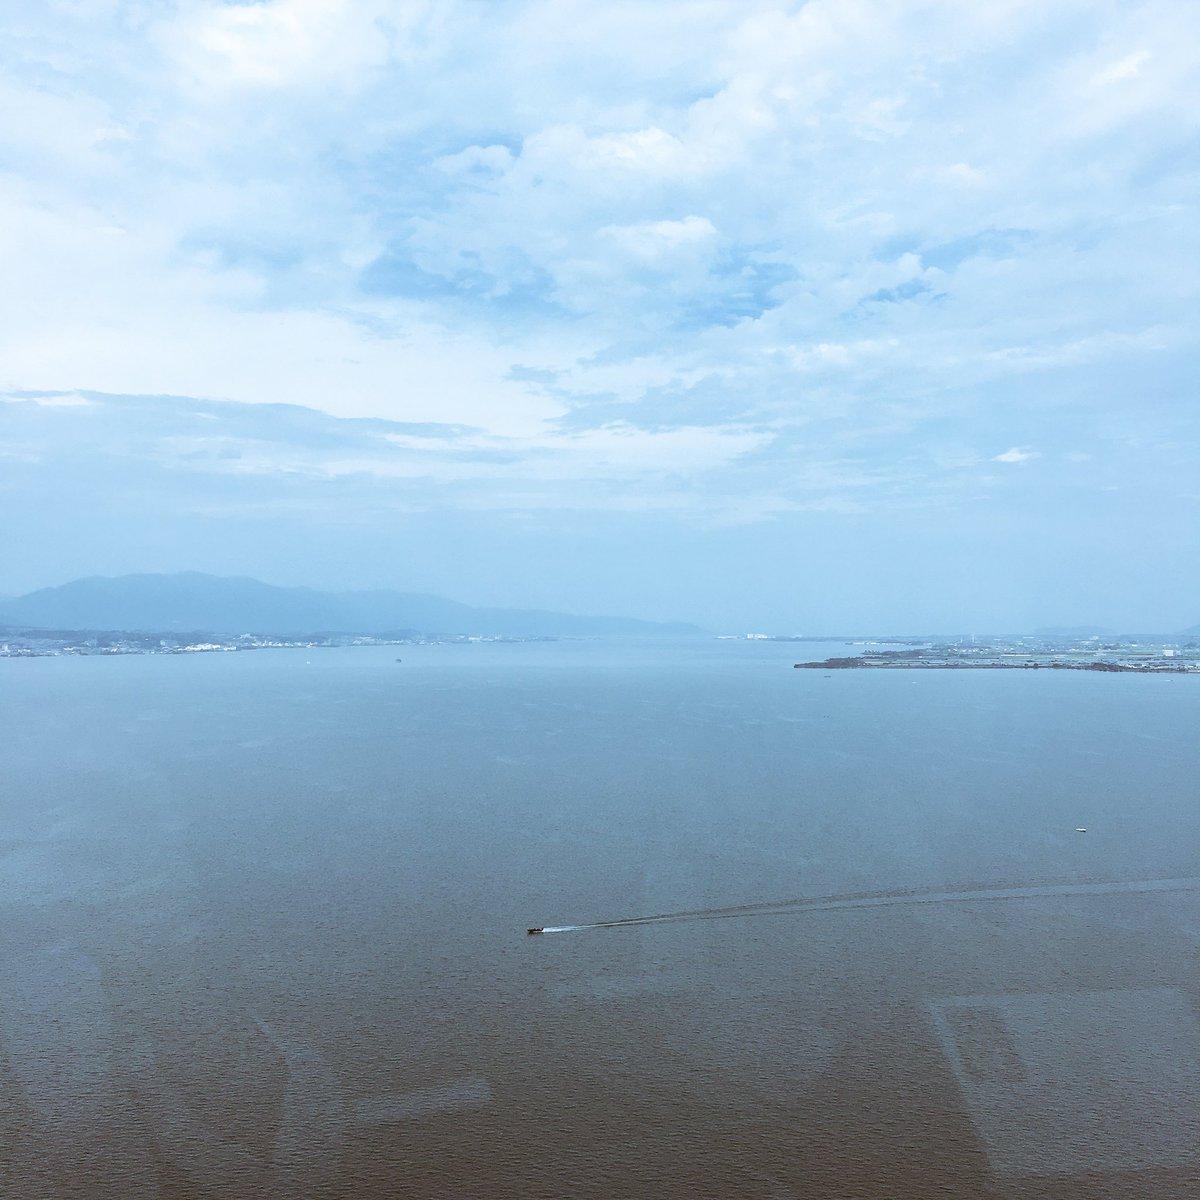 test ツイッターメディア - 琵琶湖と、いつもと逆から見る比叡山。  水平線がみえるけど、まだ水際に過ぎないという広さよ。 https://t.co/Phspc4QbEH